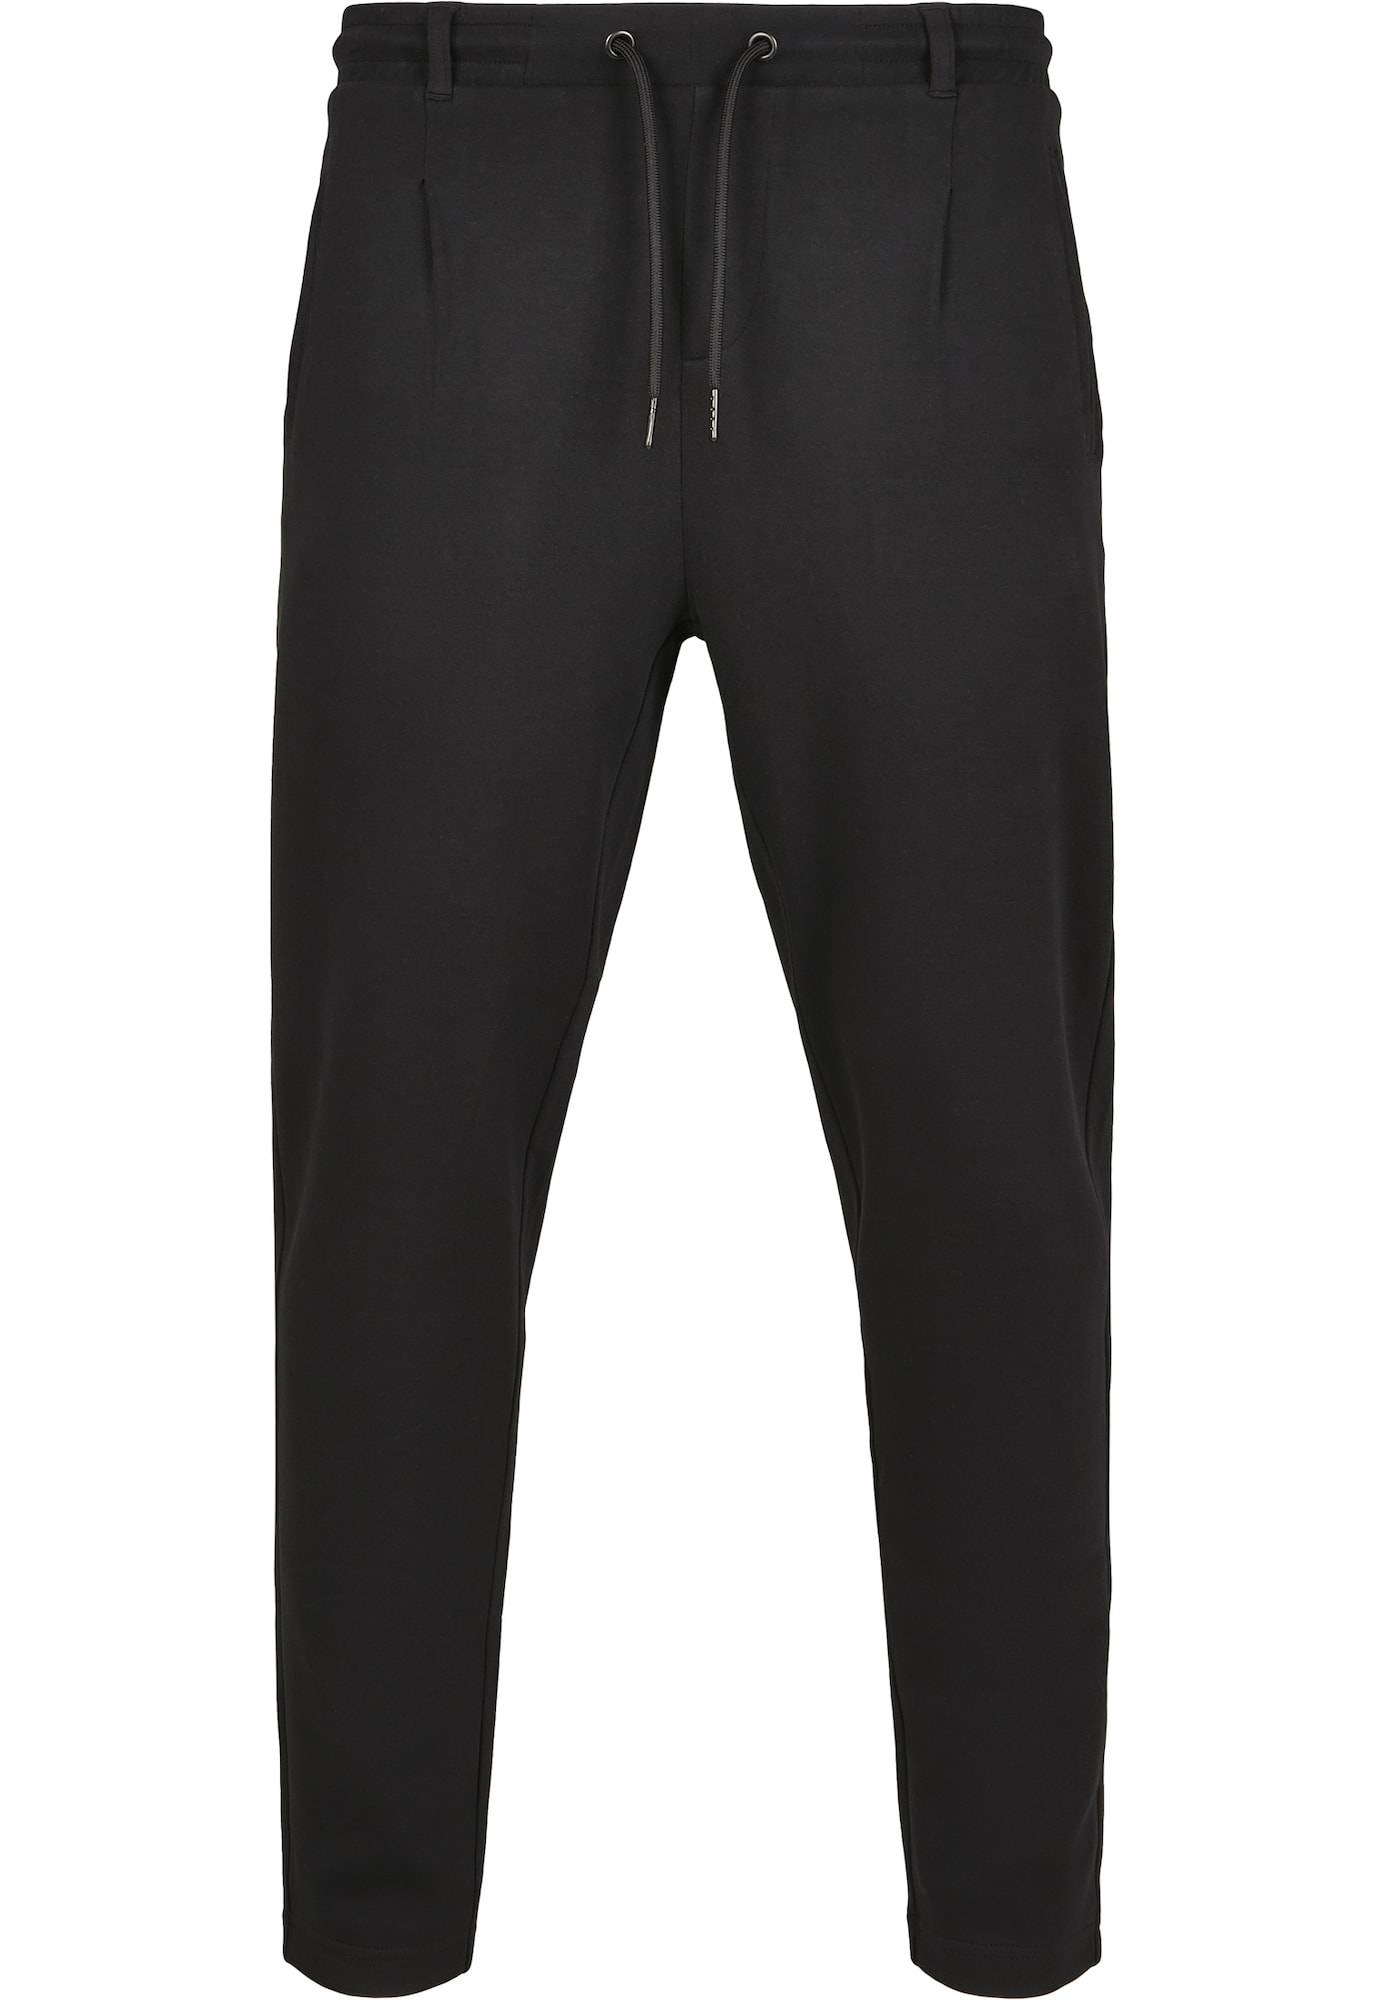 Urban Classics Pantalon à pince  - Noir - Taille: 60-62 - male